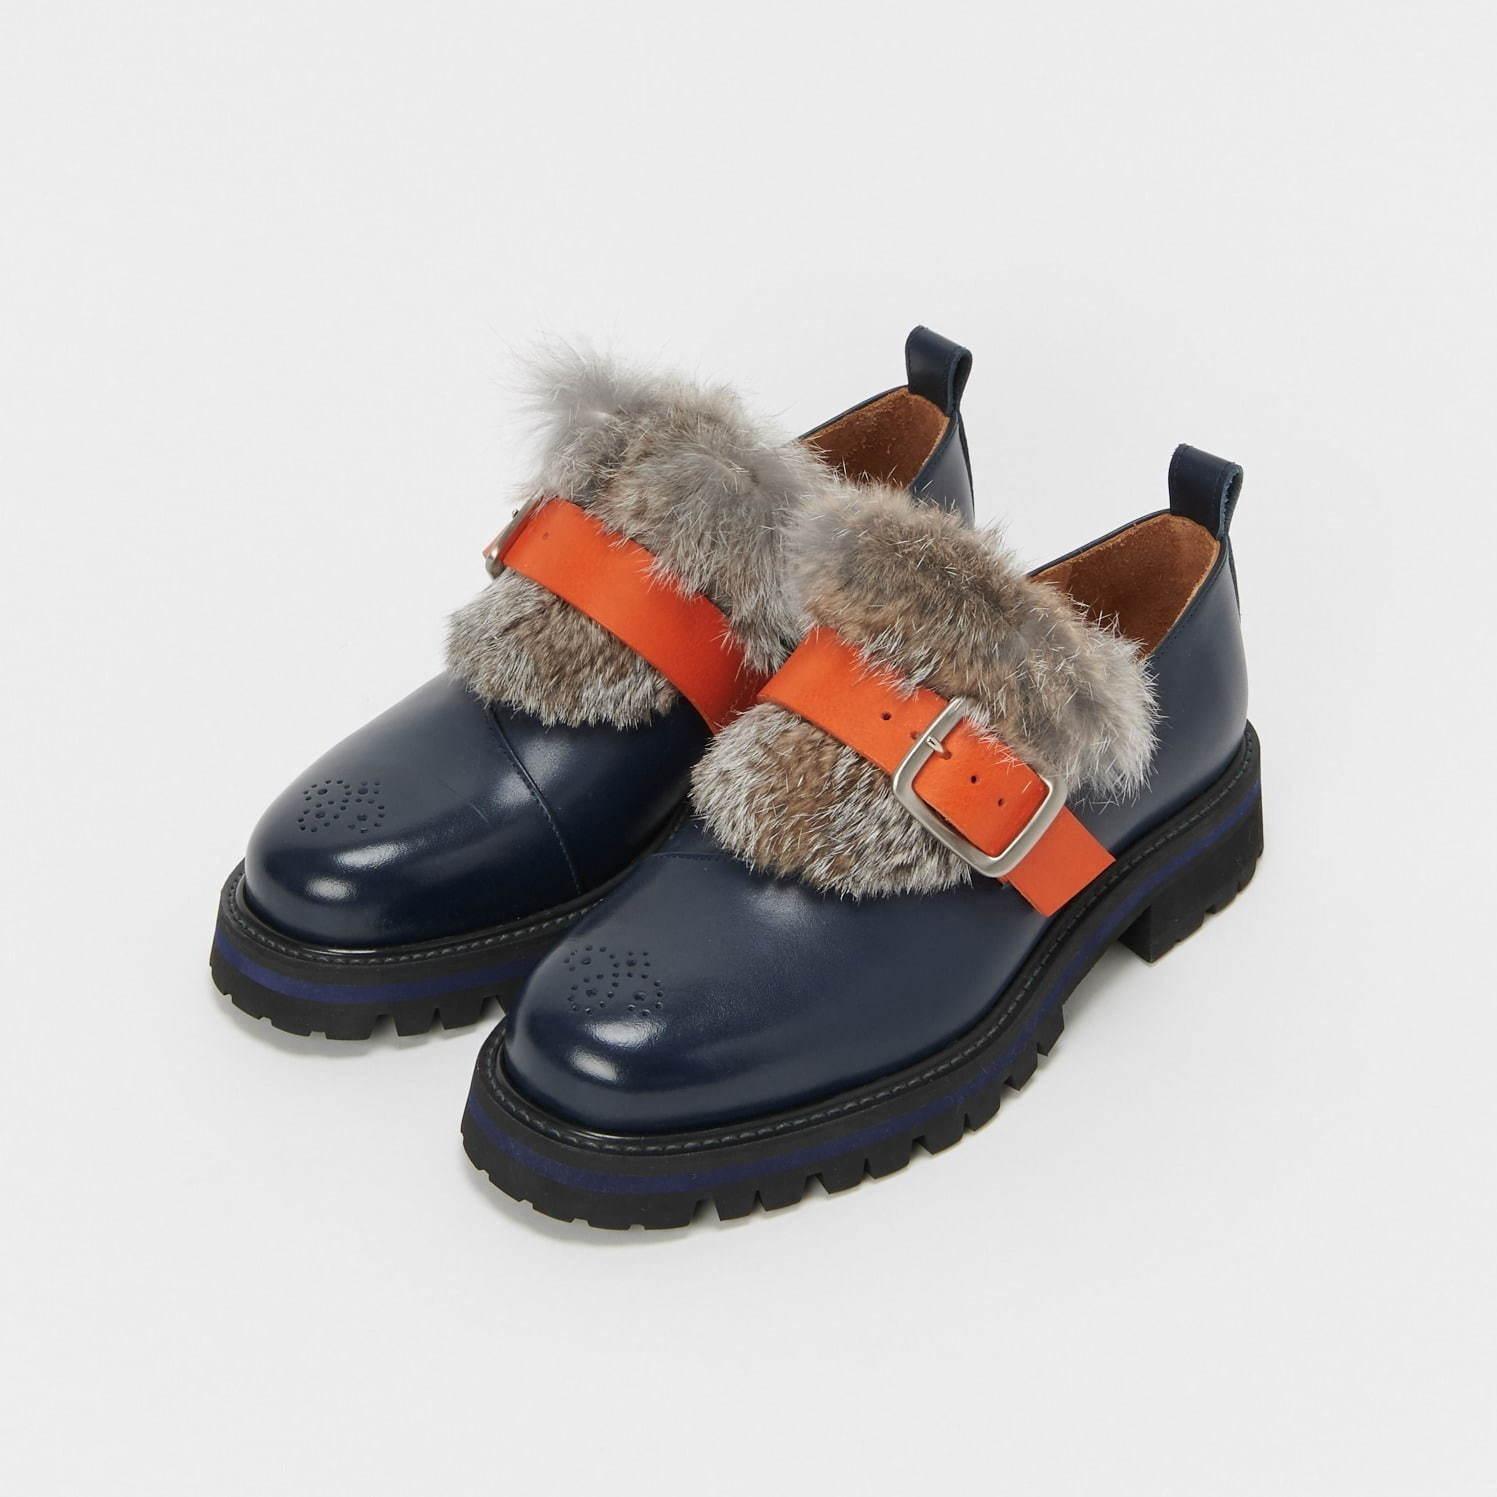 2020年】秋冬レディース靴なに履く?人気ブランドのパンプスやブーツ ...